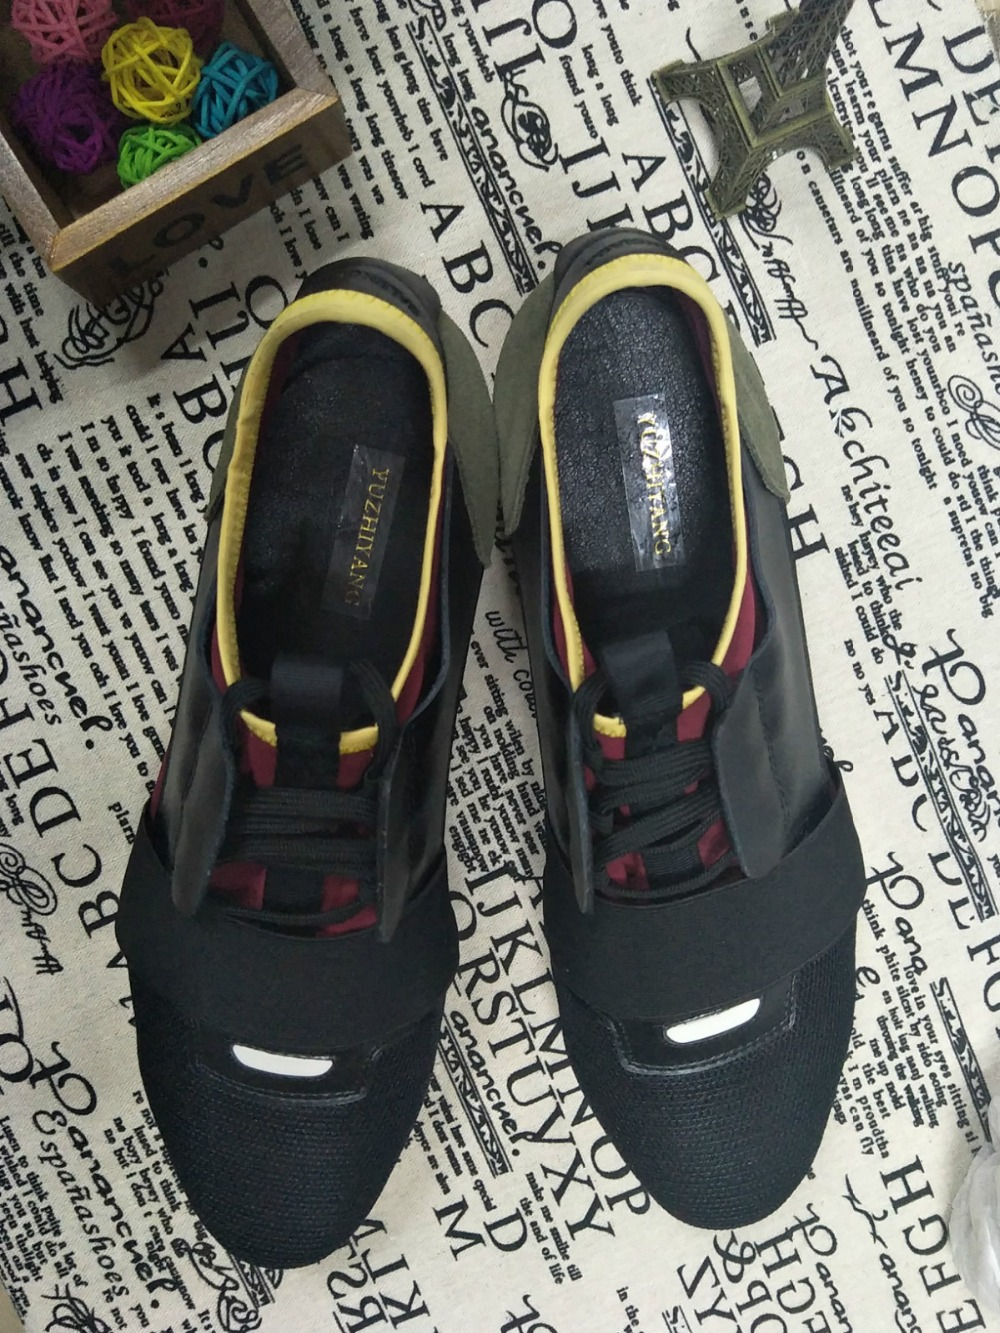 Mais Mulheres Tamanho Da Grande Baixos 2018 De Malha Casuais Confortáveis Homens Sapatos Moda Sapatilha Boa Das Qualidade RwqIfaYYt